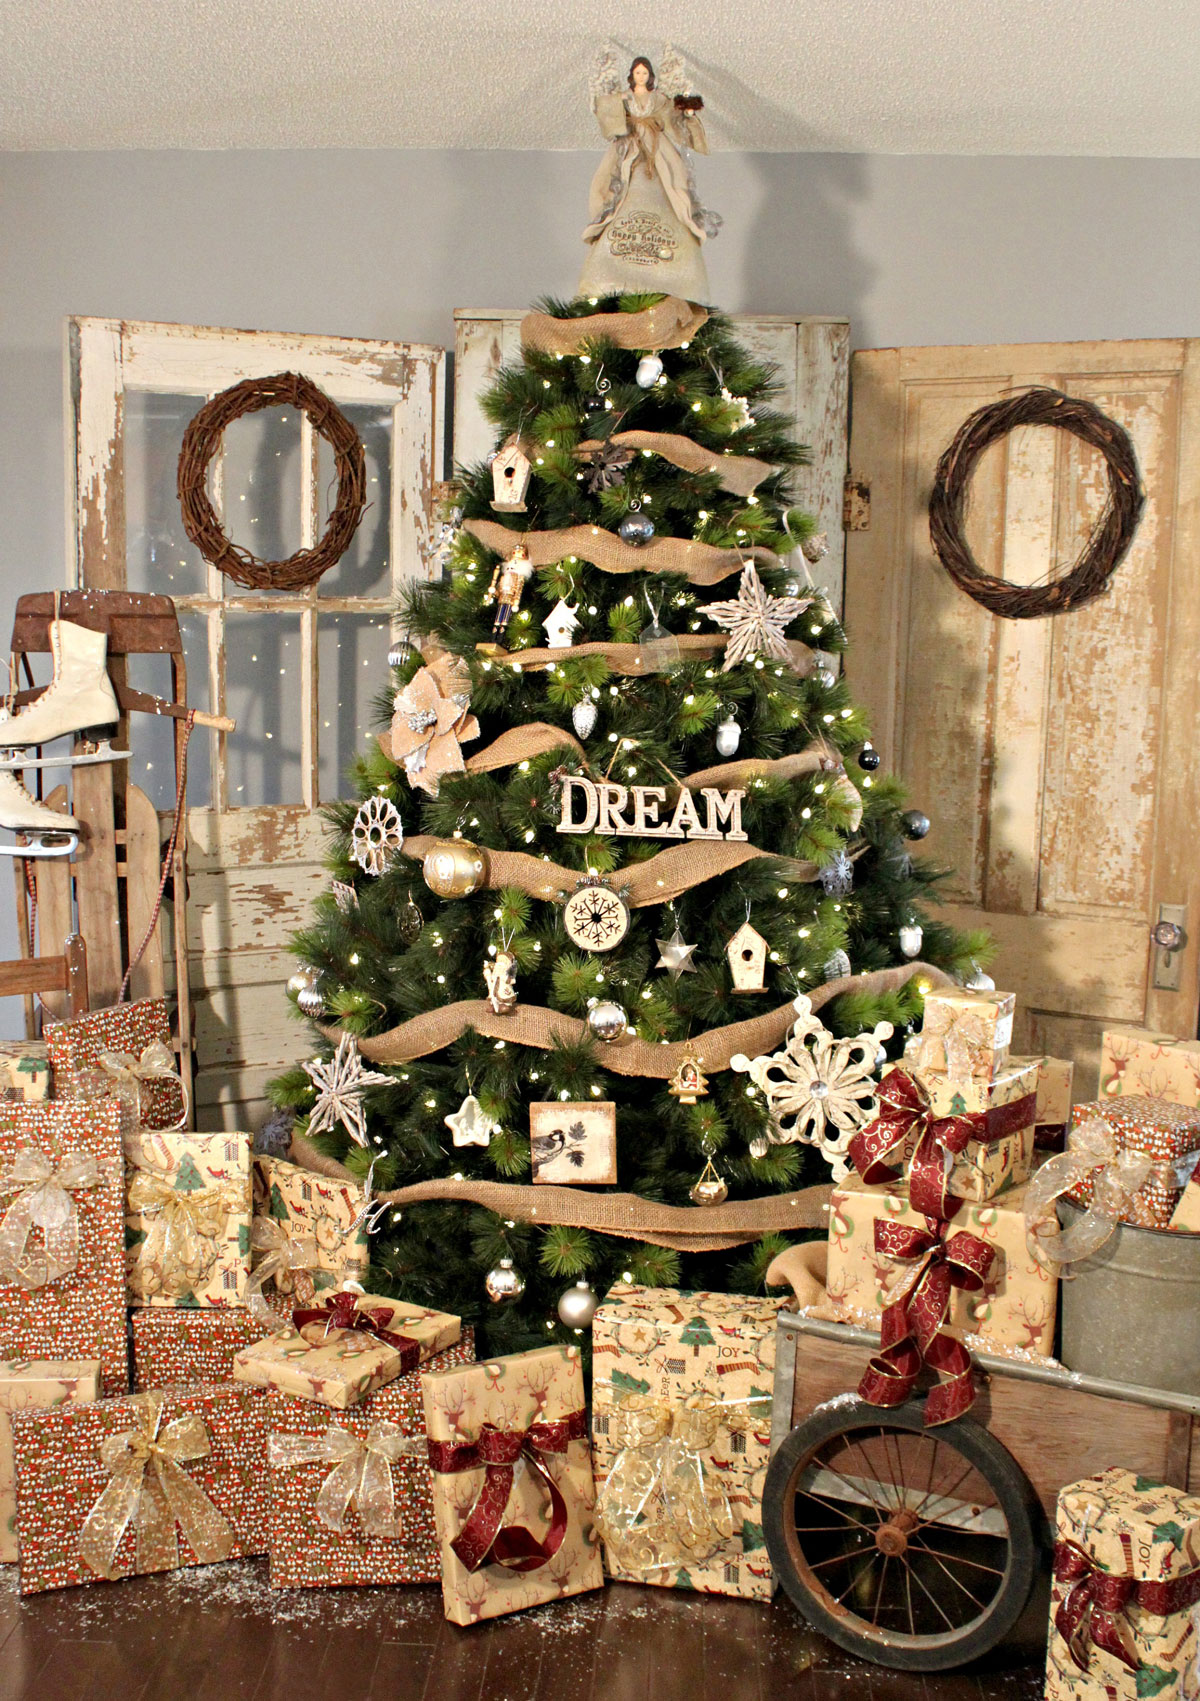 Znalezione obrazy dla zapytania choinka zdjęcia bożonarodzeniowe